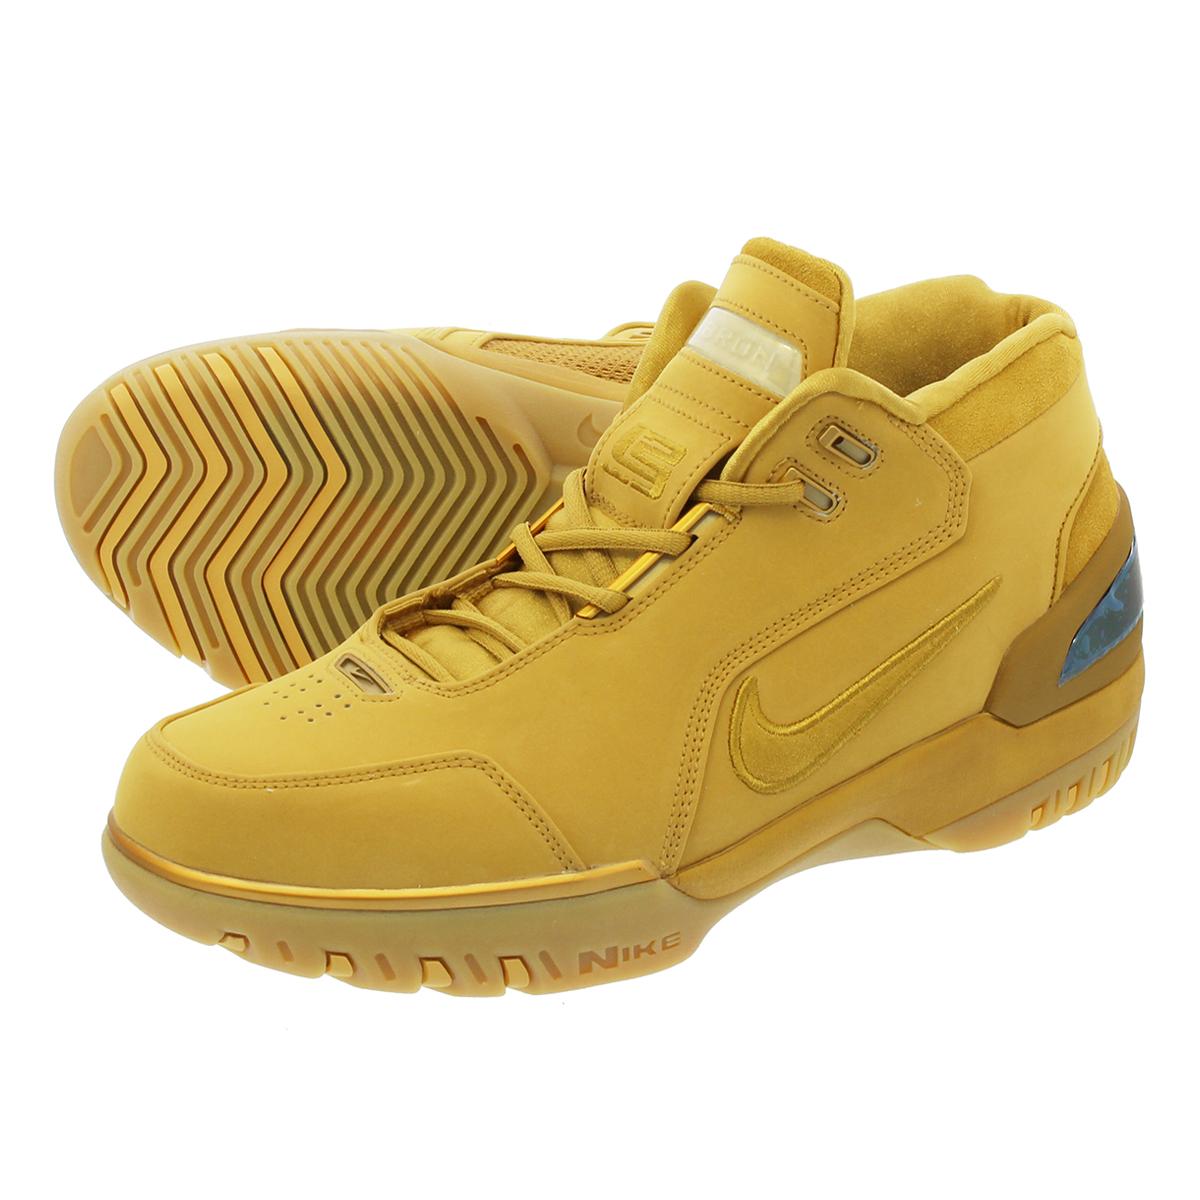 a8a8baa0a0b52 NIKE AIR ZOOM GENERATION ASG QS Nike air zoom generation ASG QS WHEAT  GOLD METALLIC GOLD